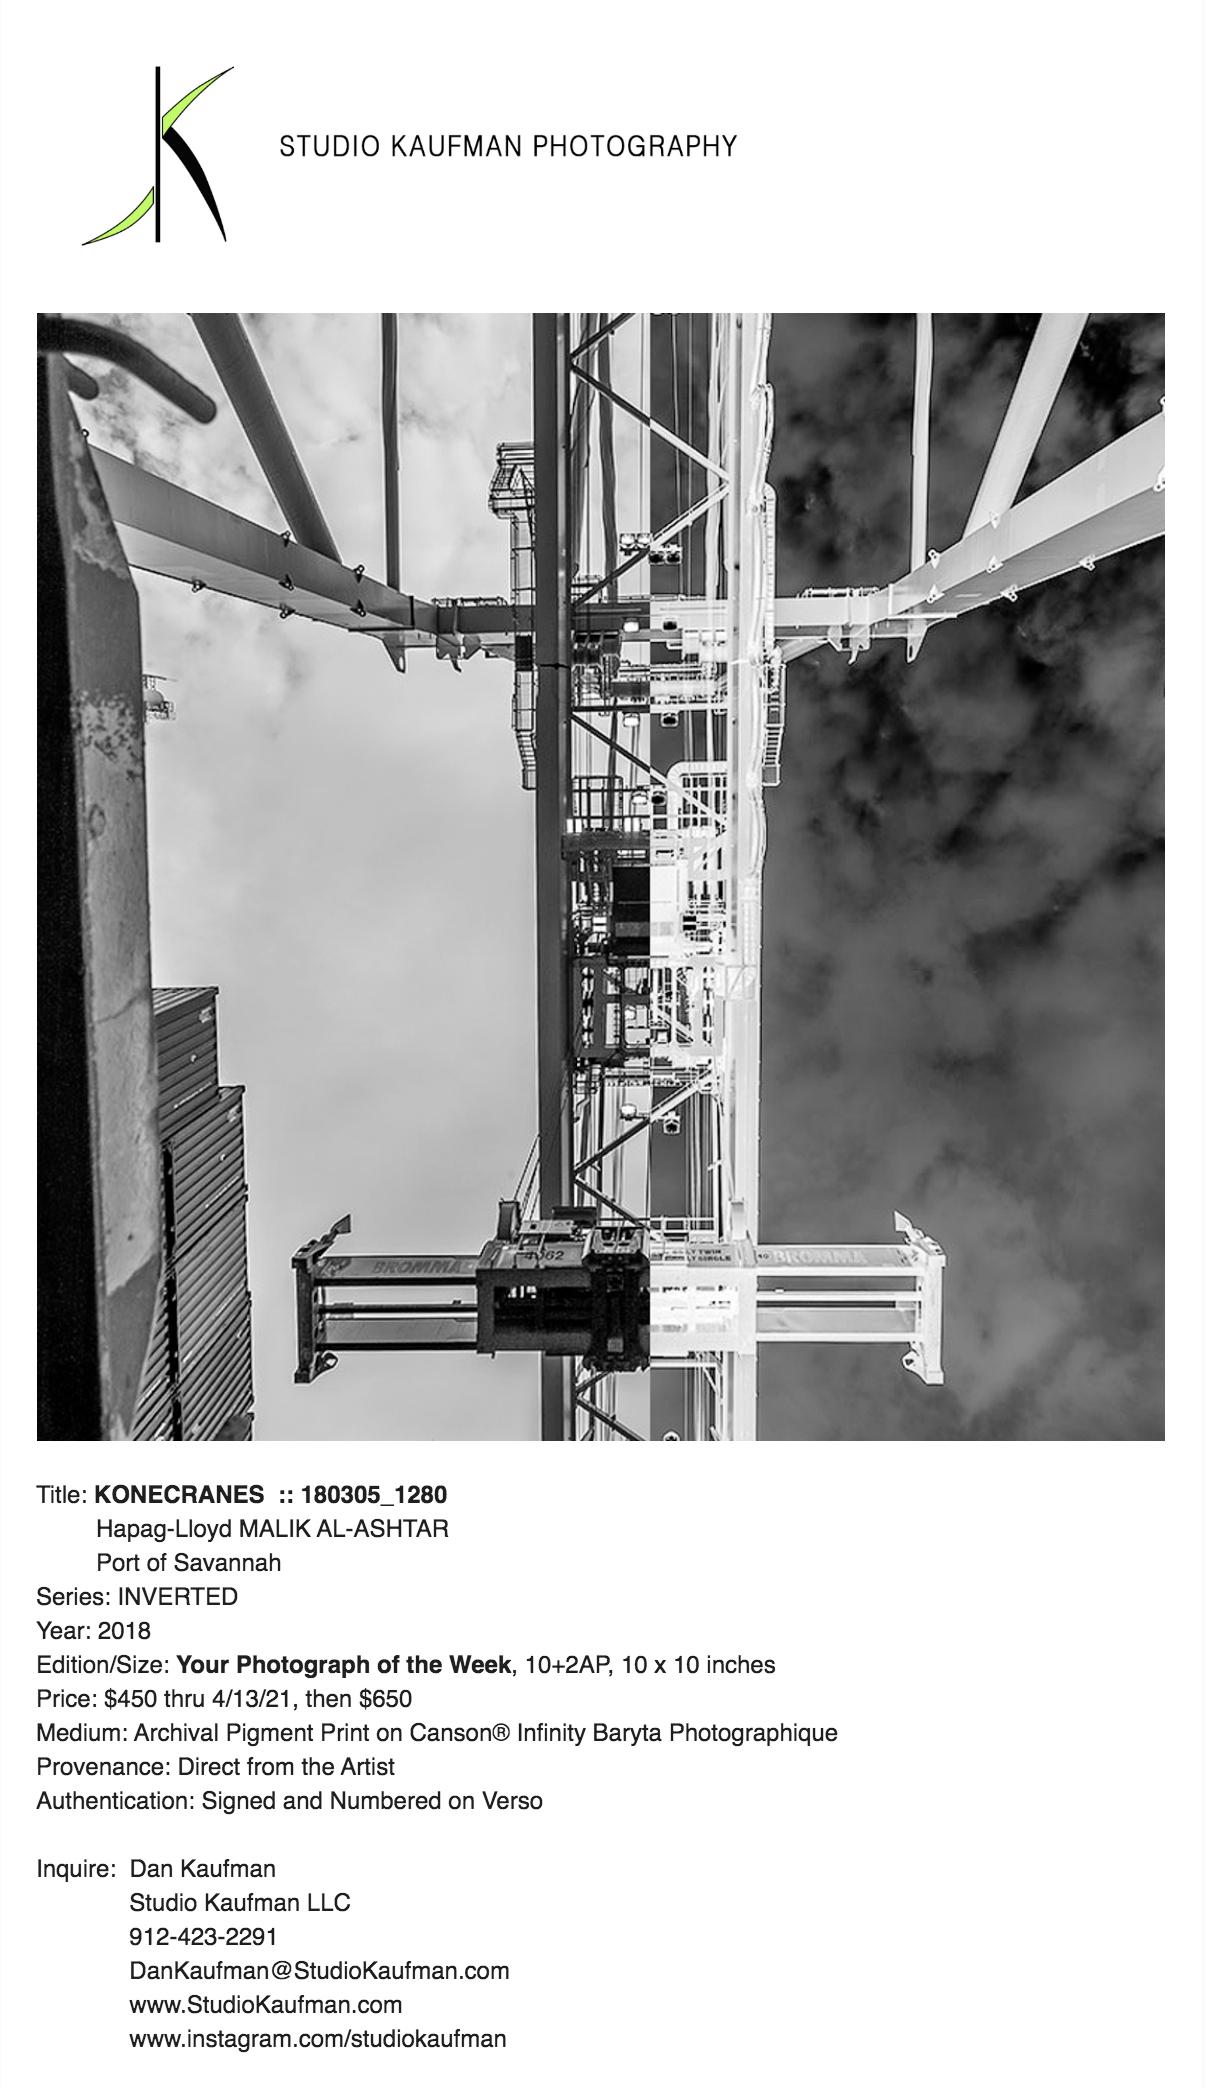 KONECRANES :: 180305_1280 by Dan Kaufman, Studio Kaufman